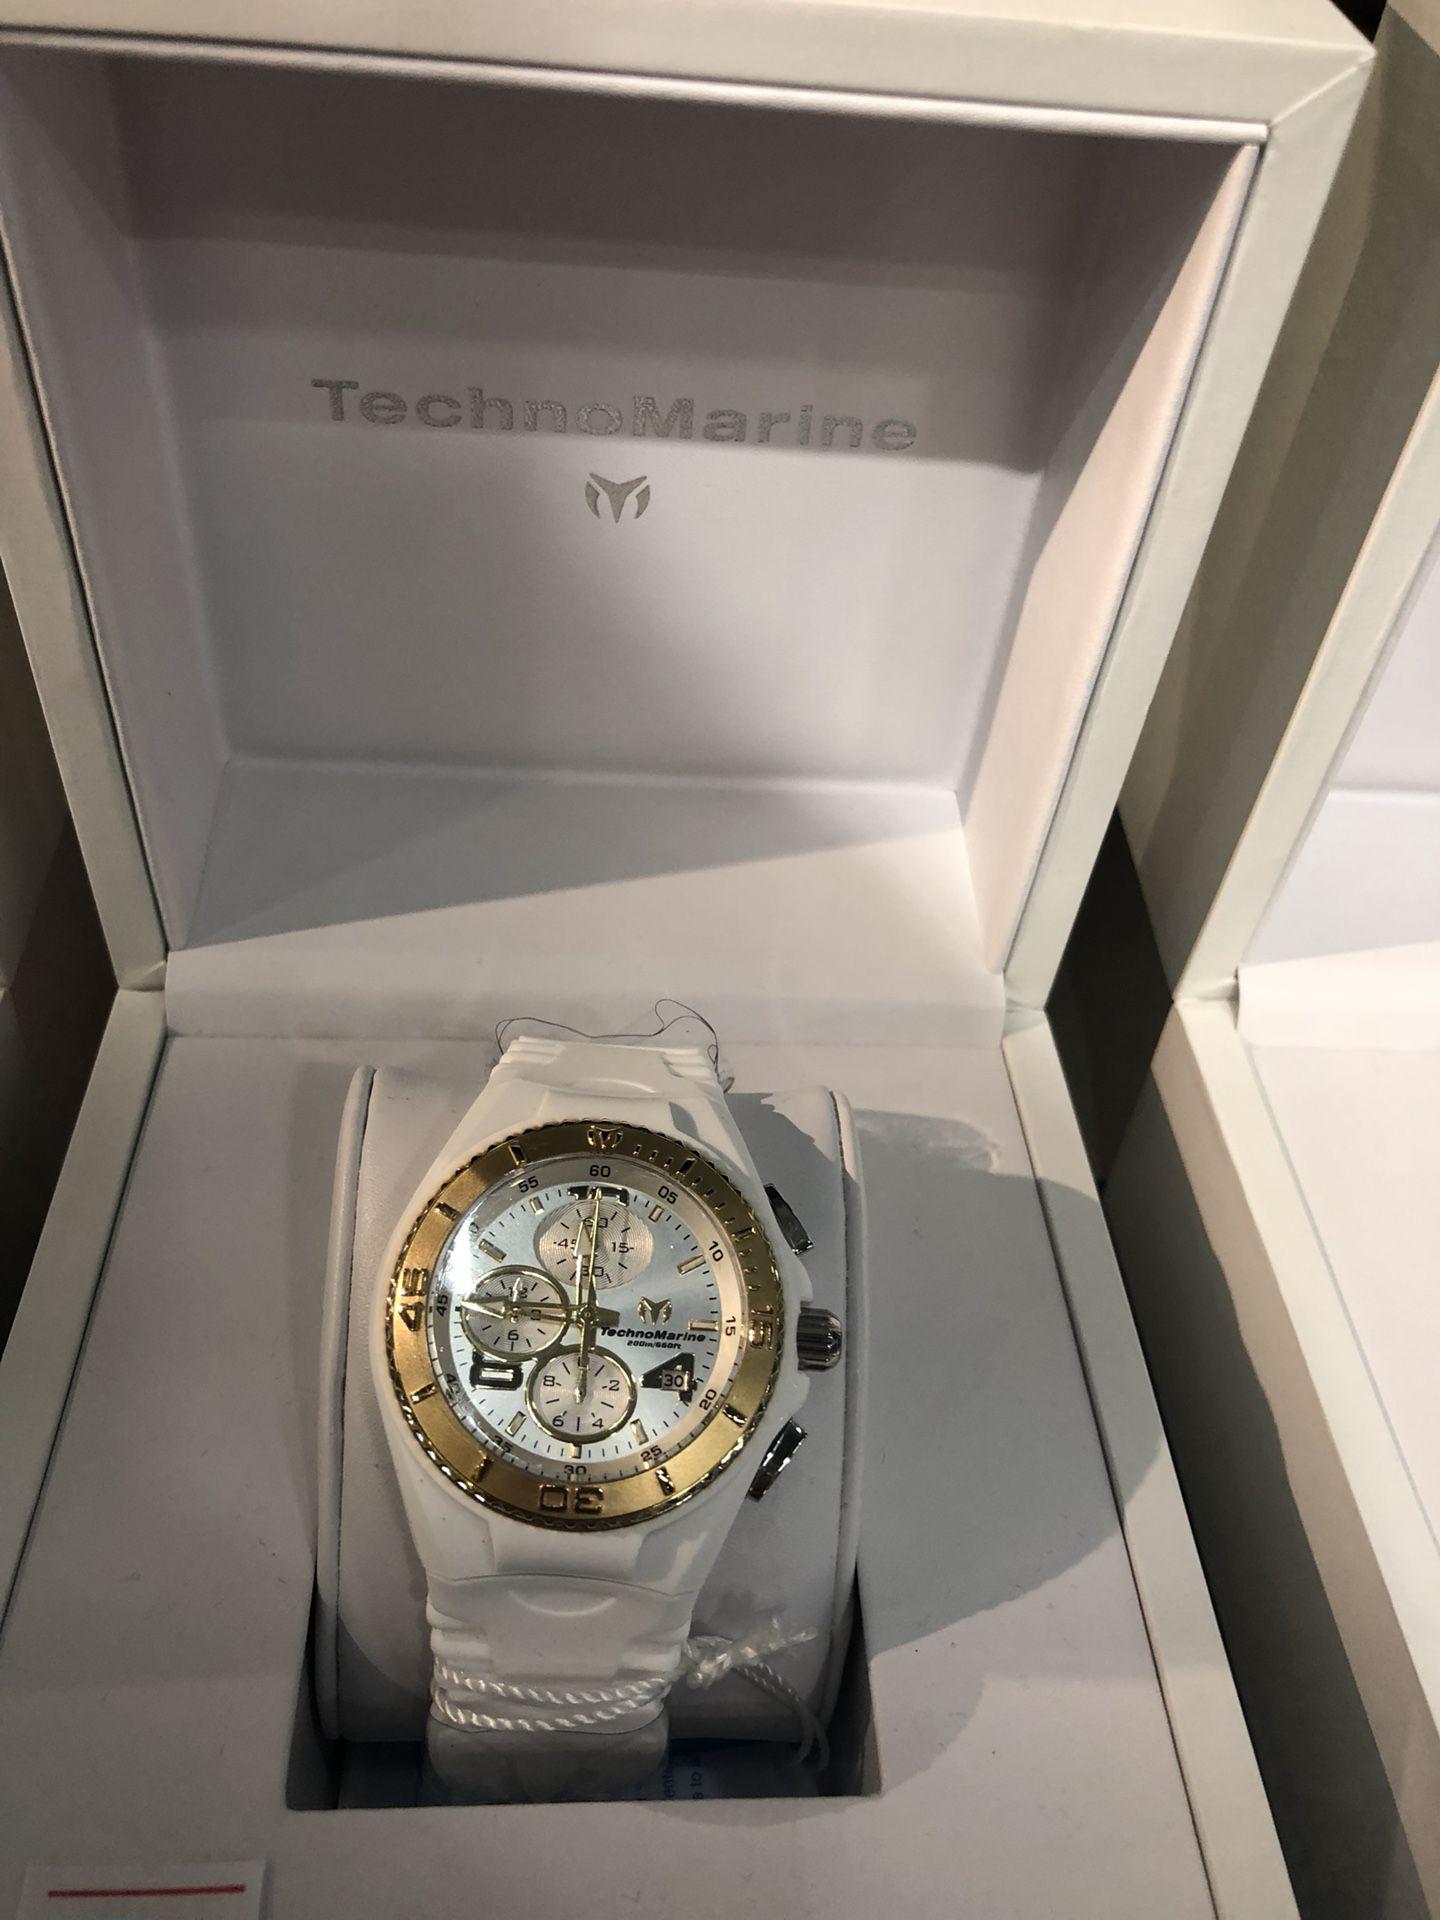 Techno Marine Watches